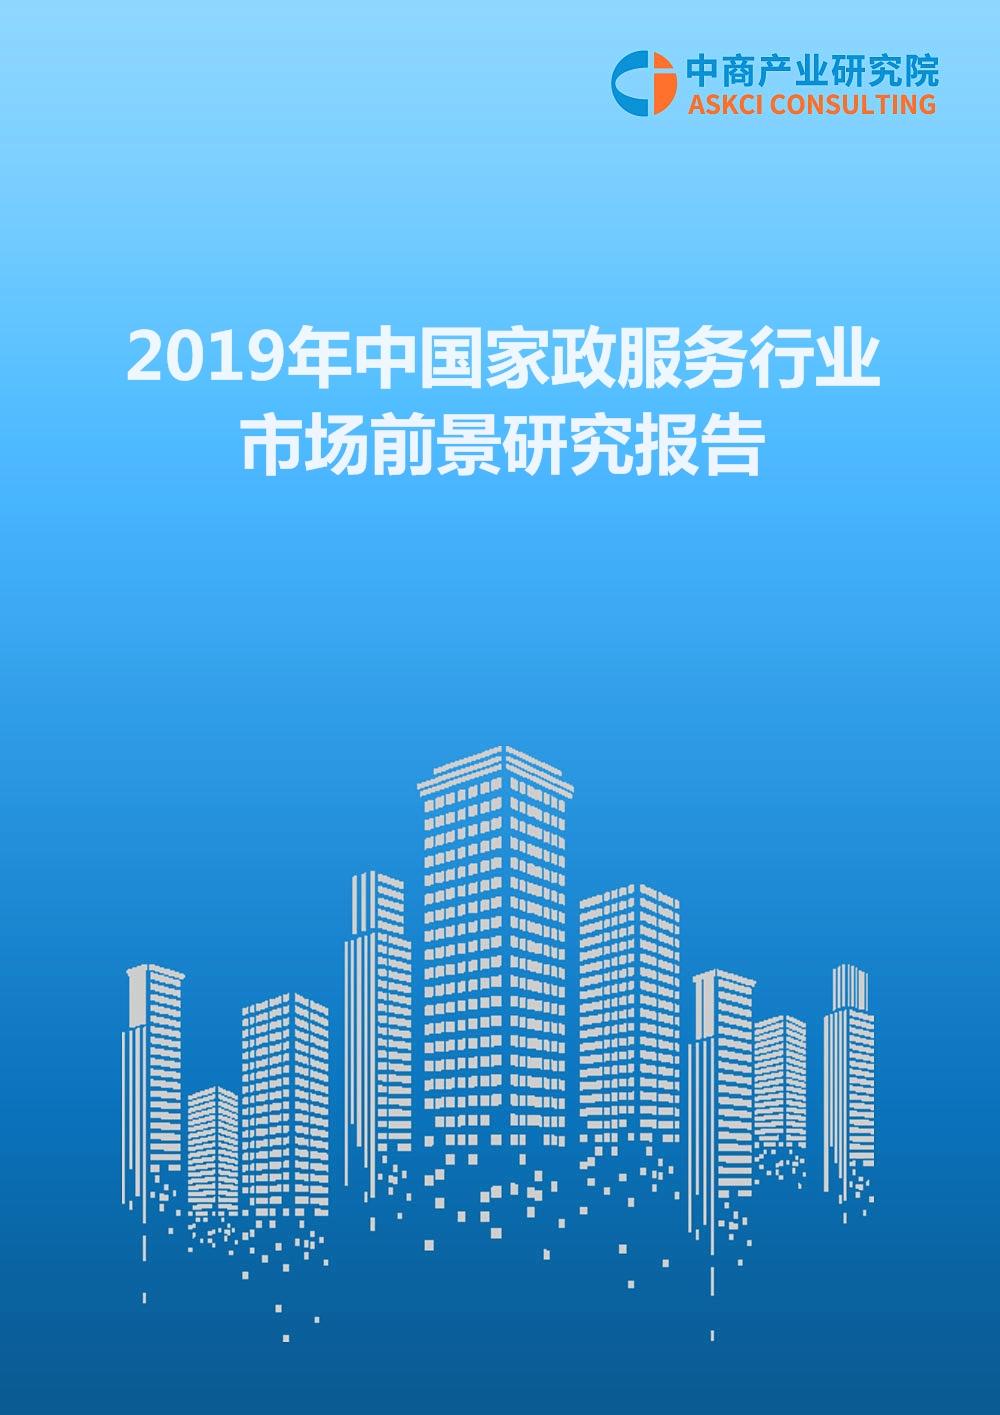 2019年中国家政服务行业市场前景研究报告